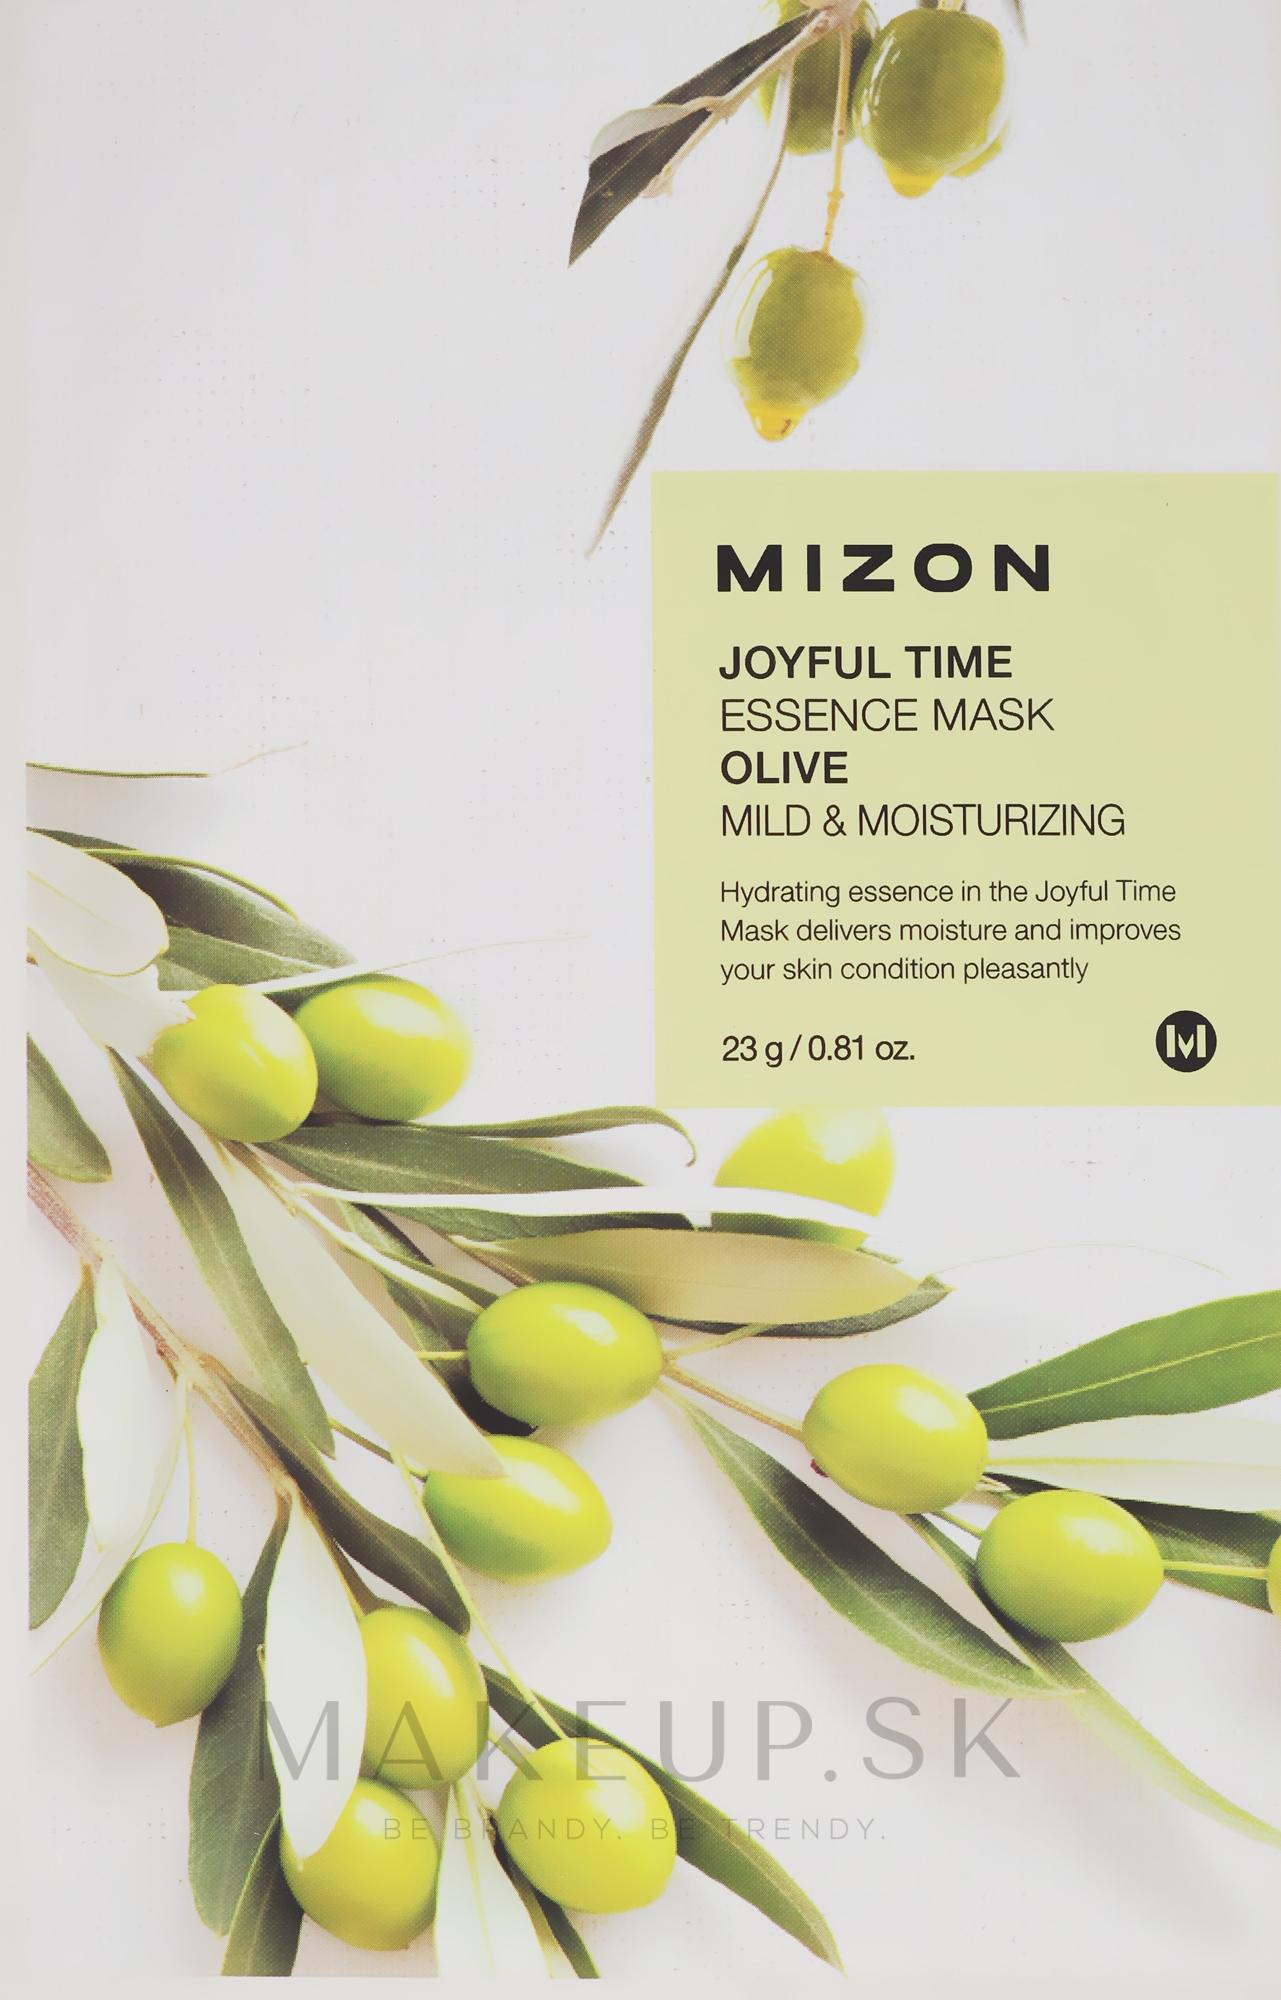 Látková maska s extraktom olivy - Mizon Joyful Time Olive Essence Mask — Obrázky 23 g